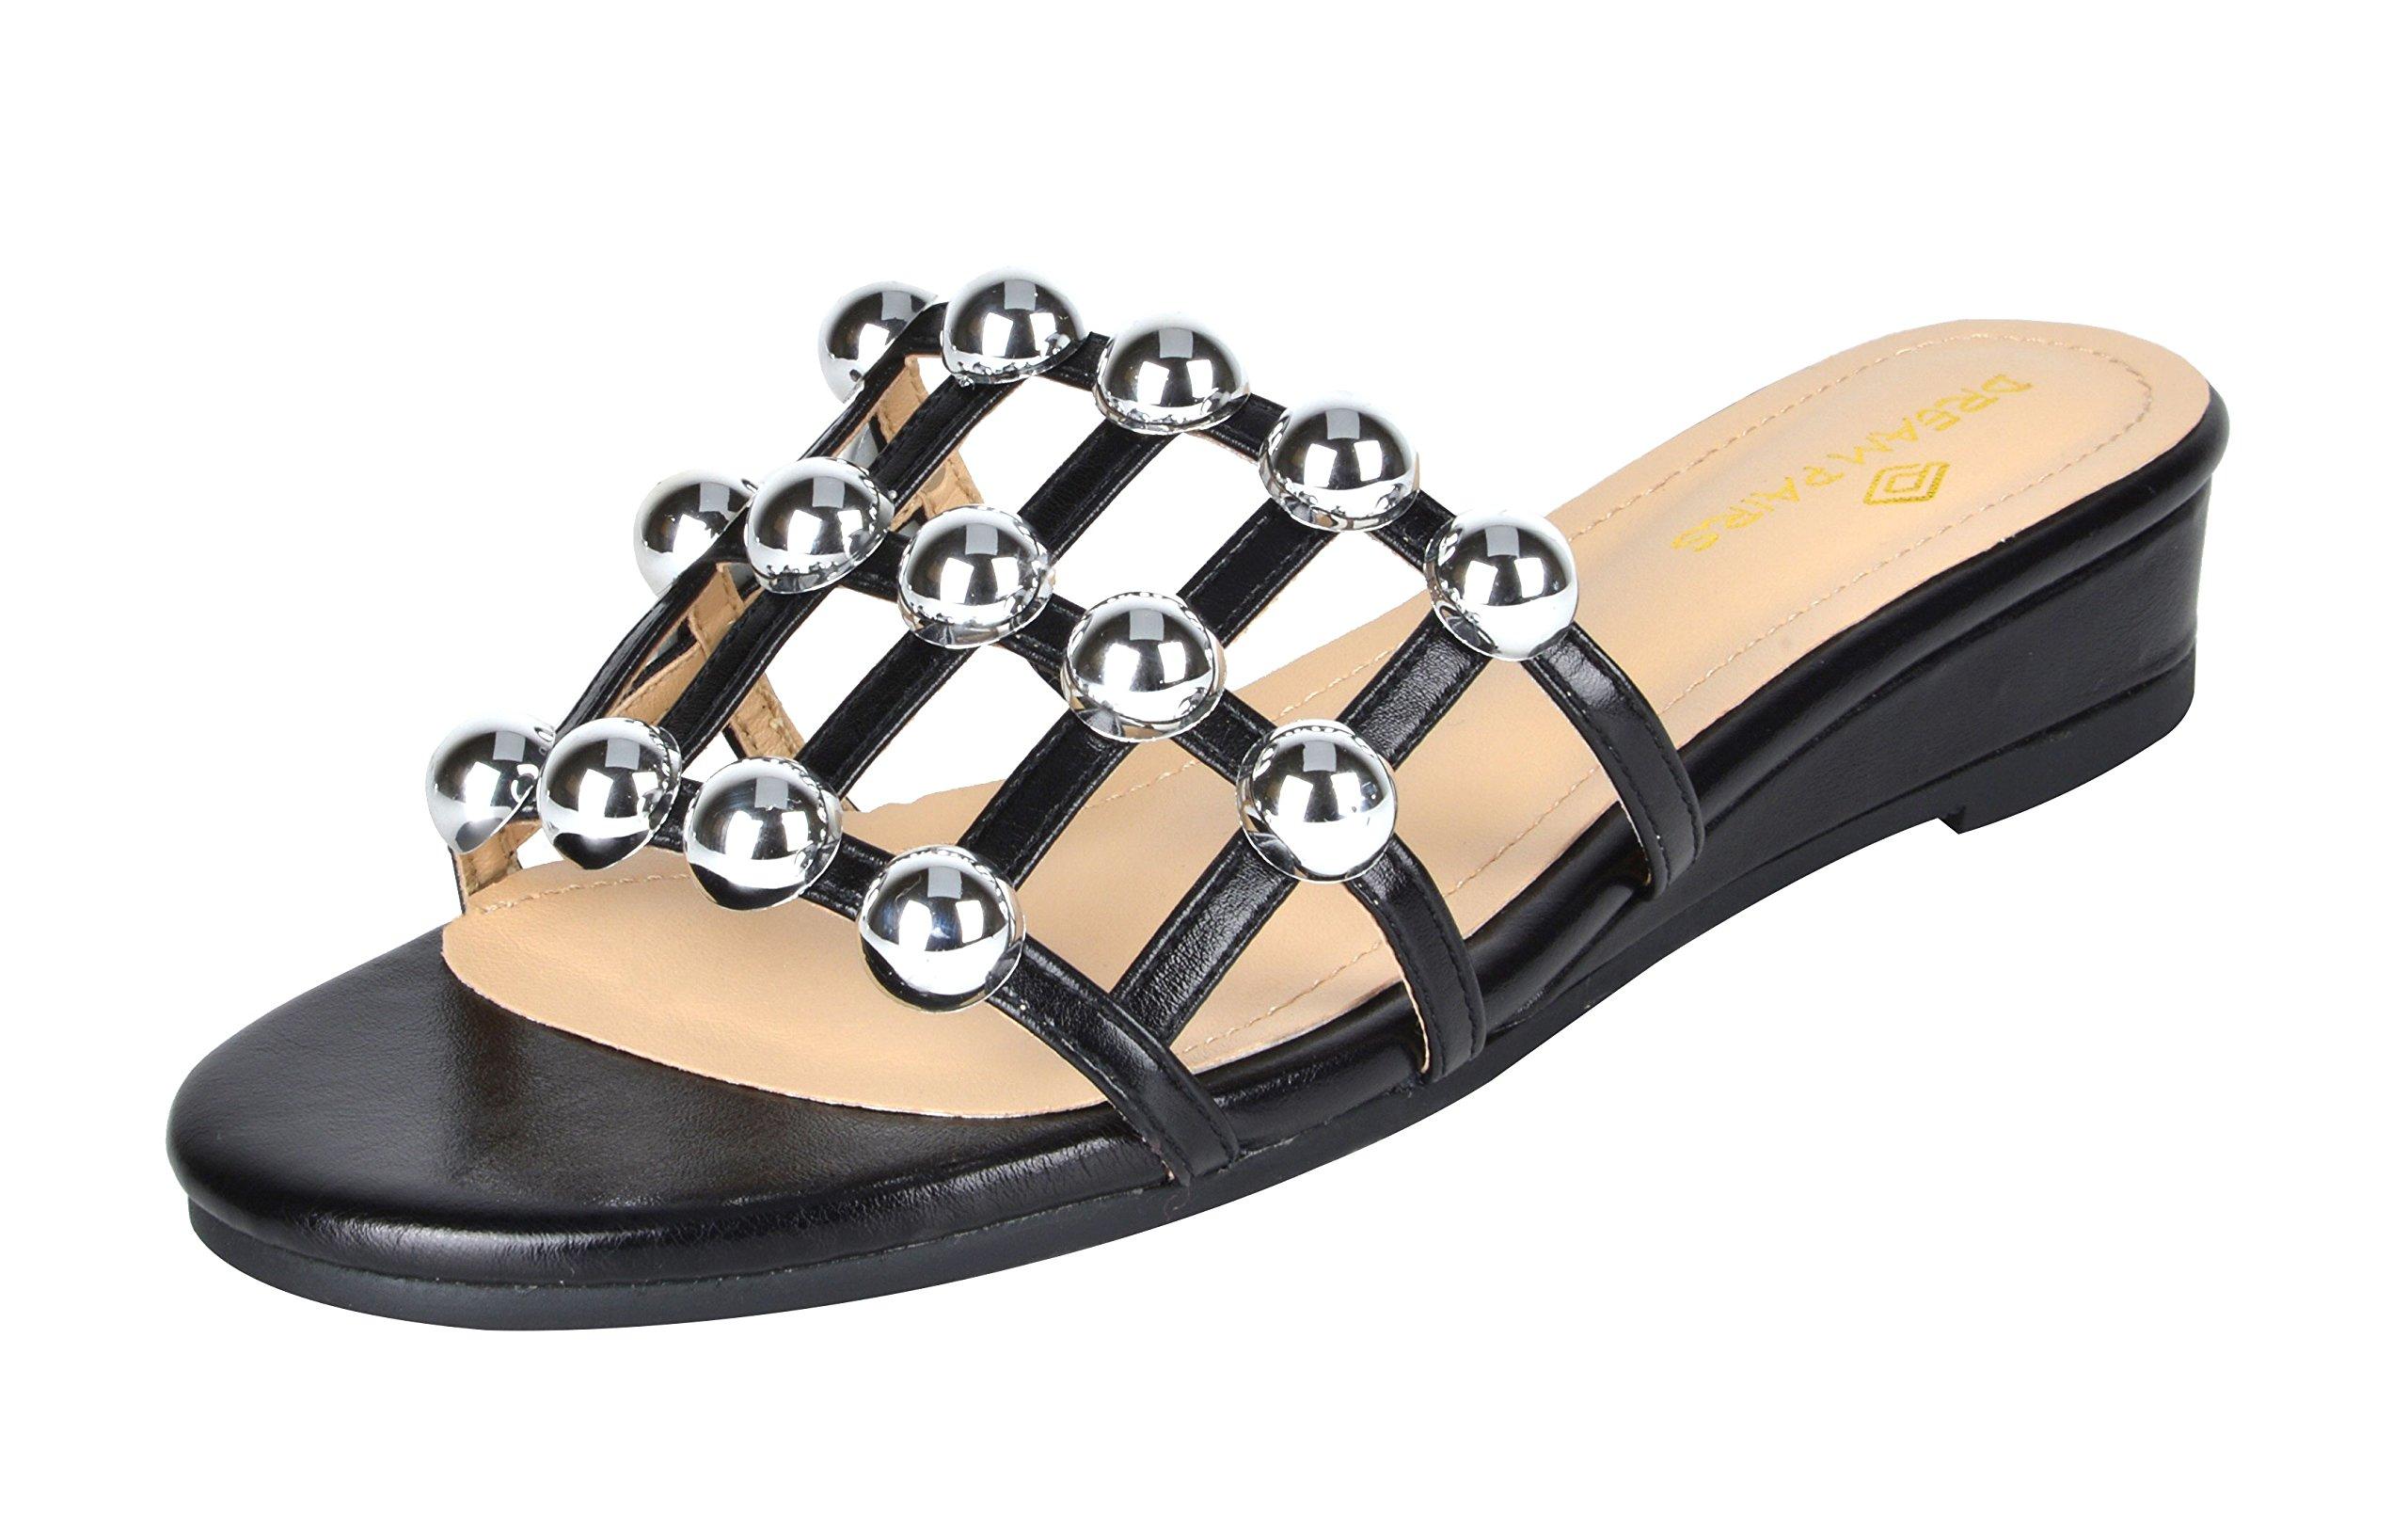 DREAM PAIRS Women's Formosa_5 Black Low Platform Wedges Slides Sandals Size 11 B(M) US